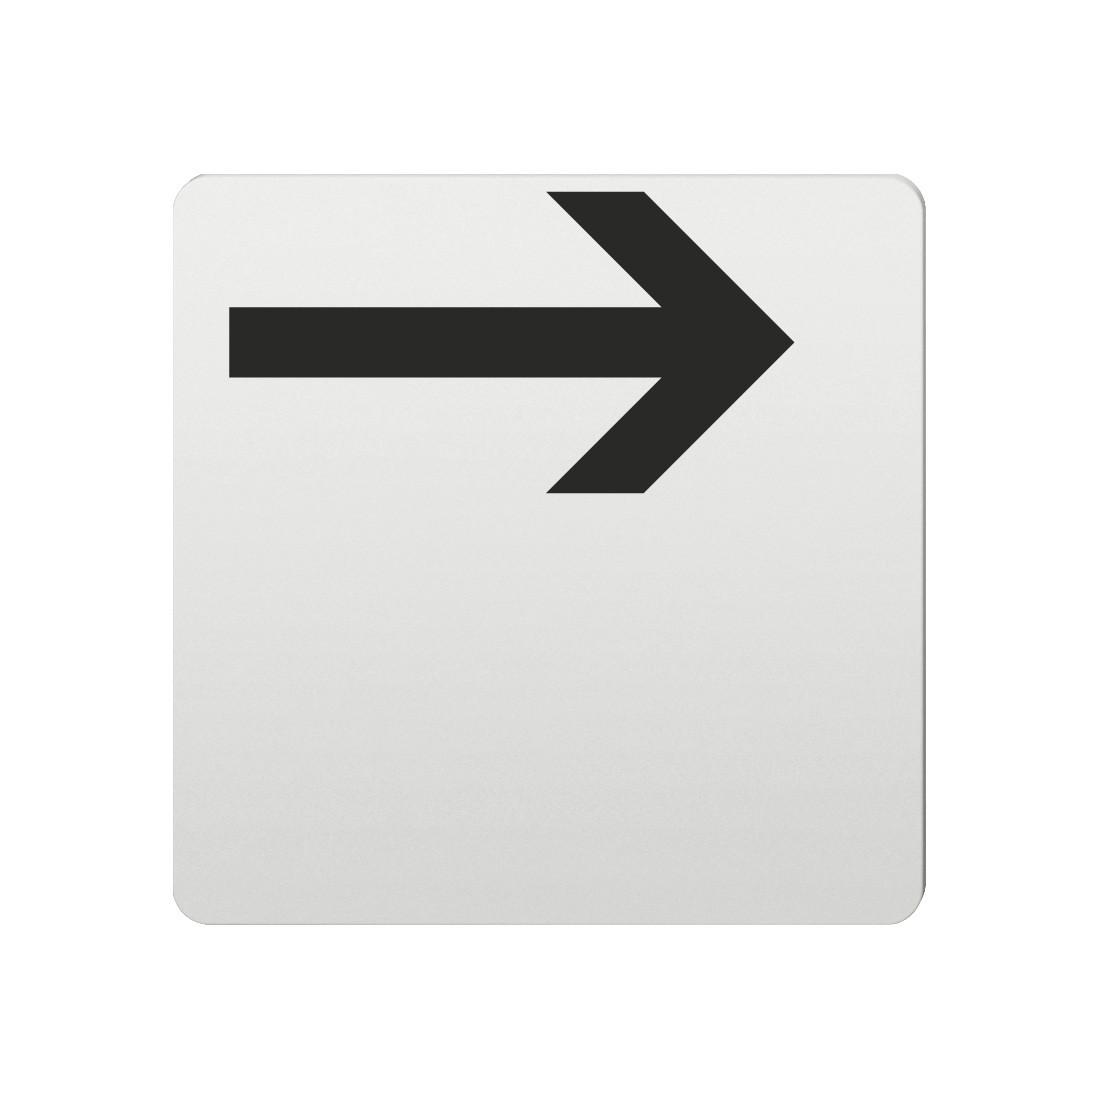 FSB Hinweiszeichen Pfeil nach rechts Lasergraviert Aluminium naturfarbig (0 36 4059 00004 0105)